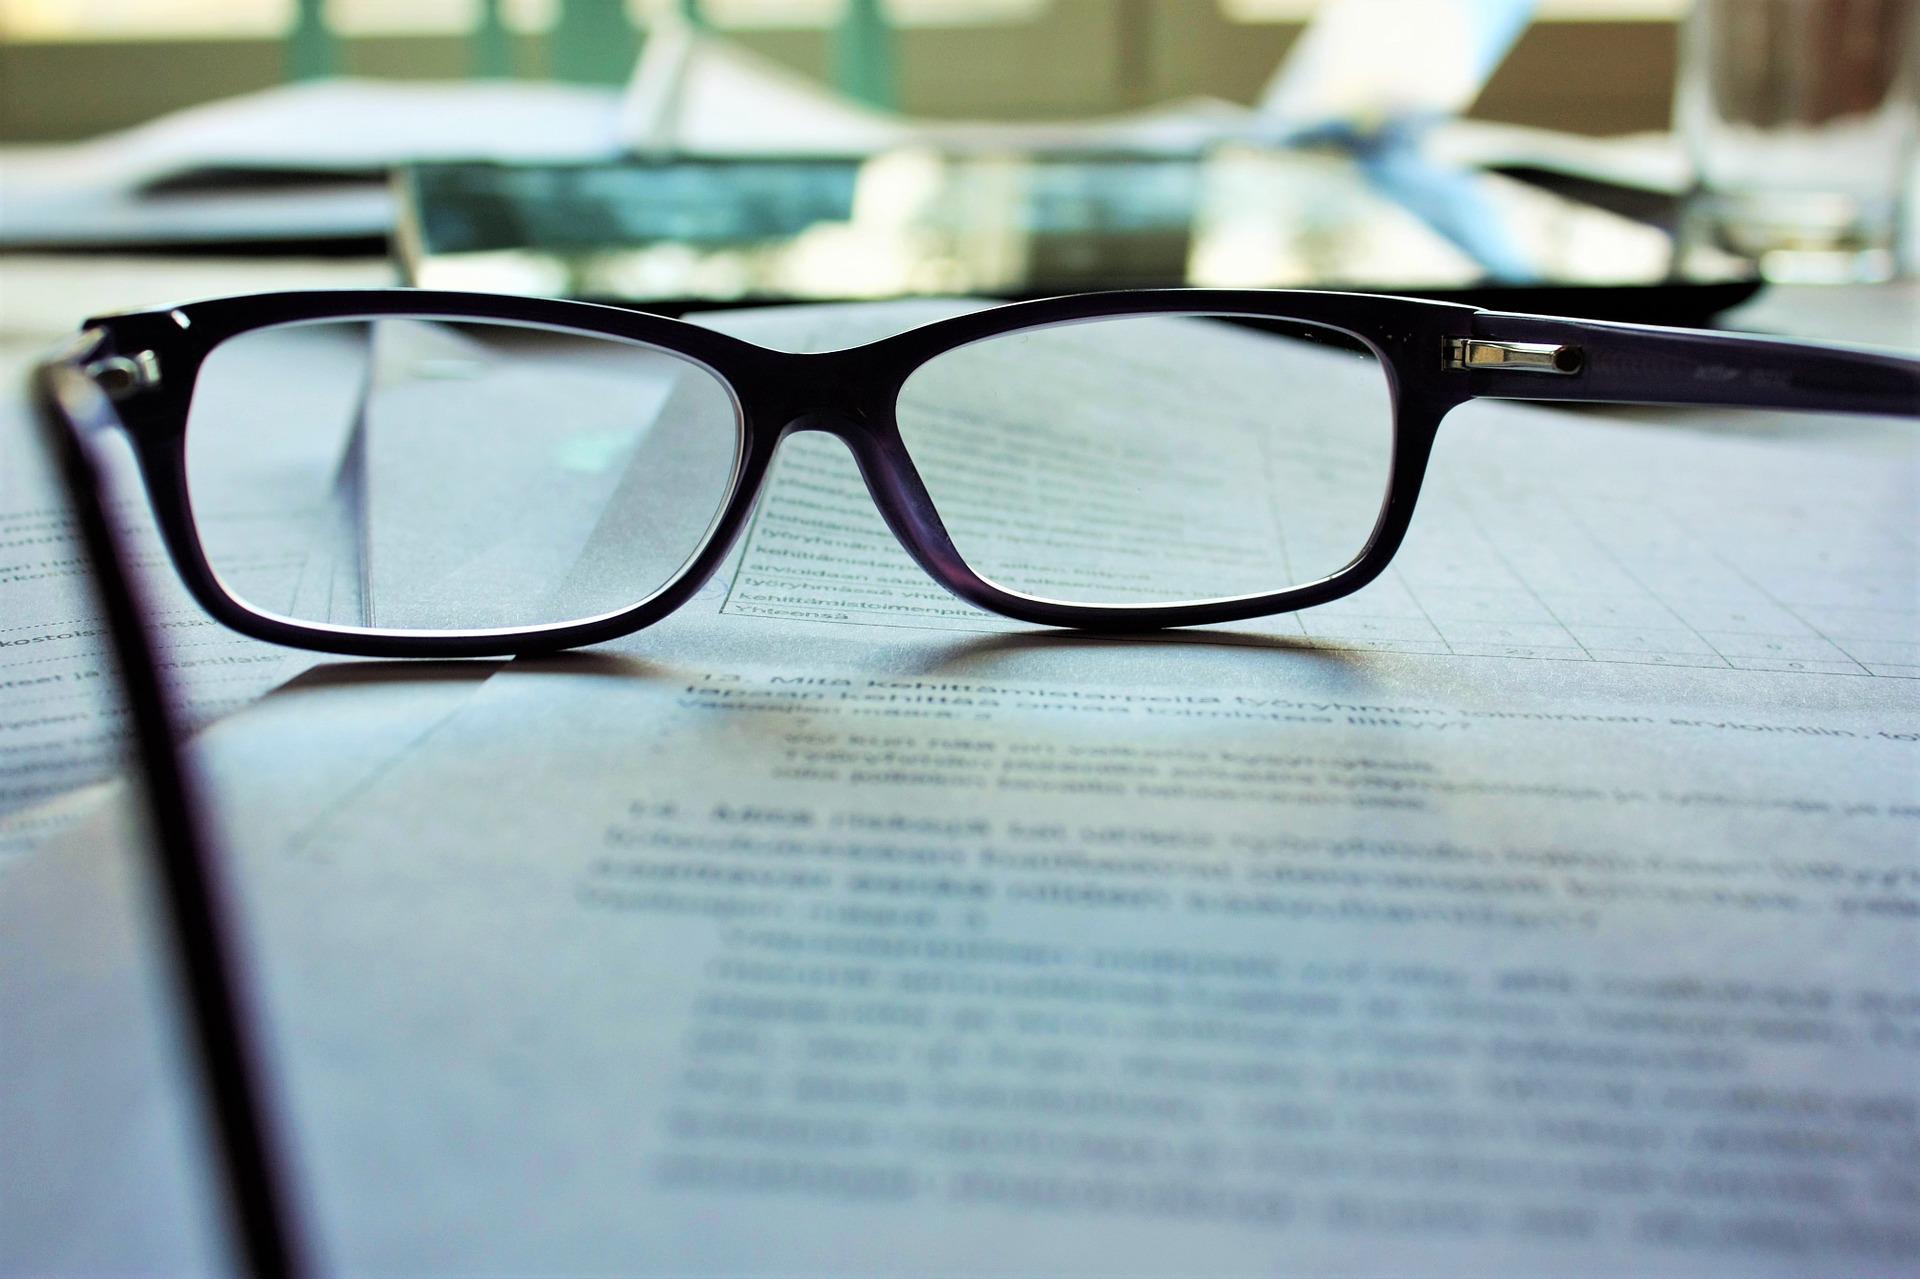 glasses-983947_1920.jpg